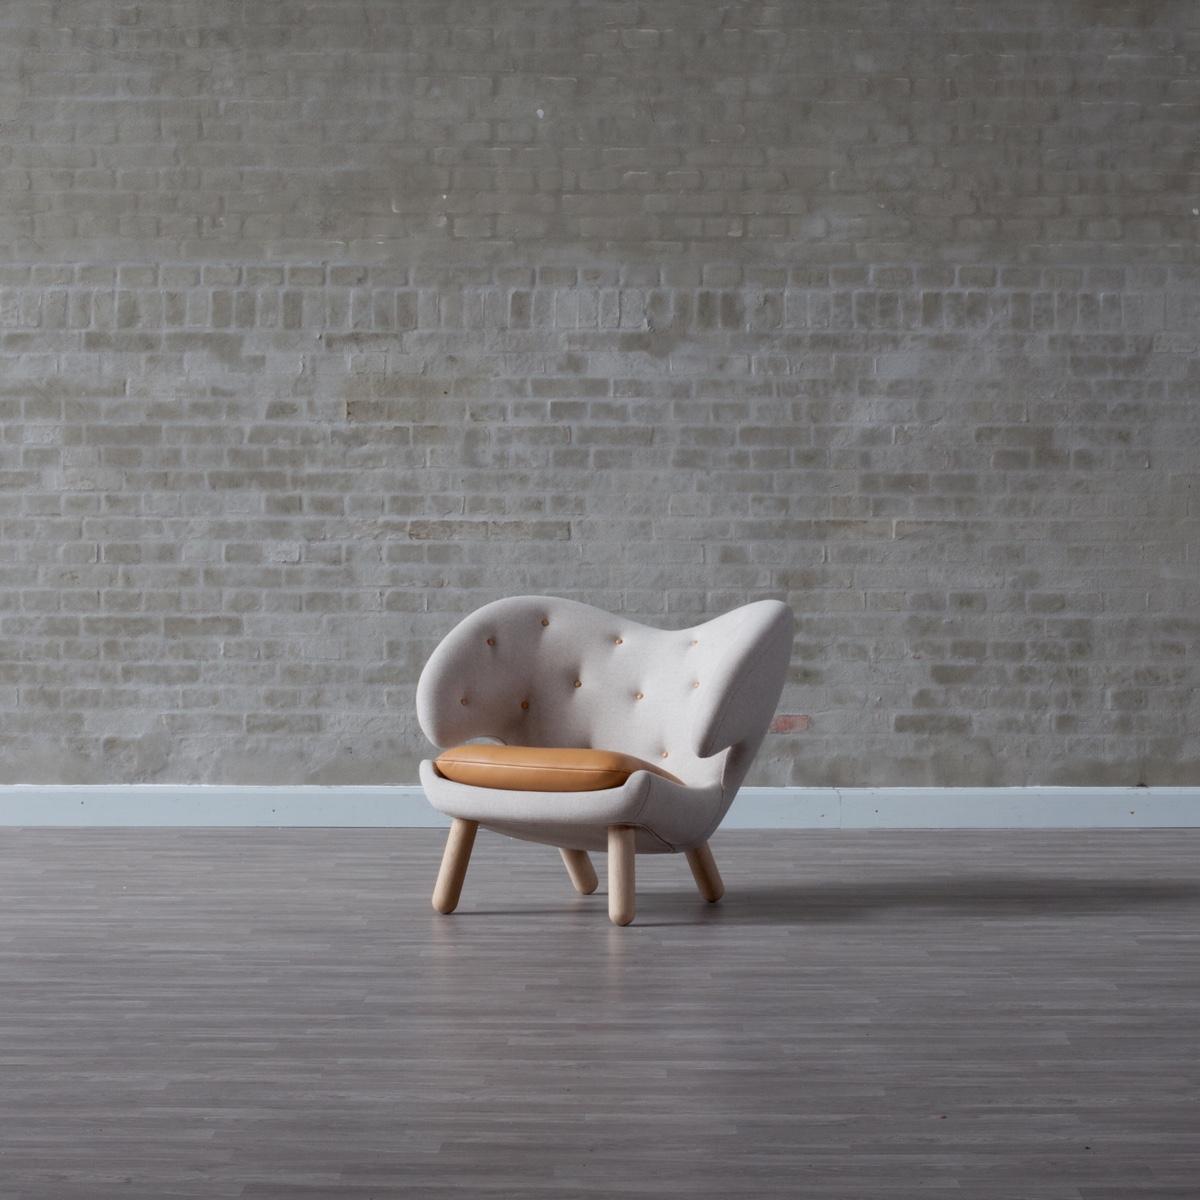 Pelican Chair, designed by Finn Juhl in 1940. Image © 2016 House of FinnJuhl™.